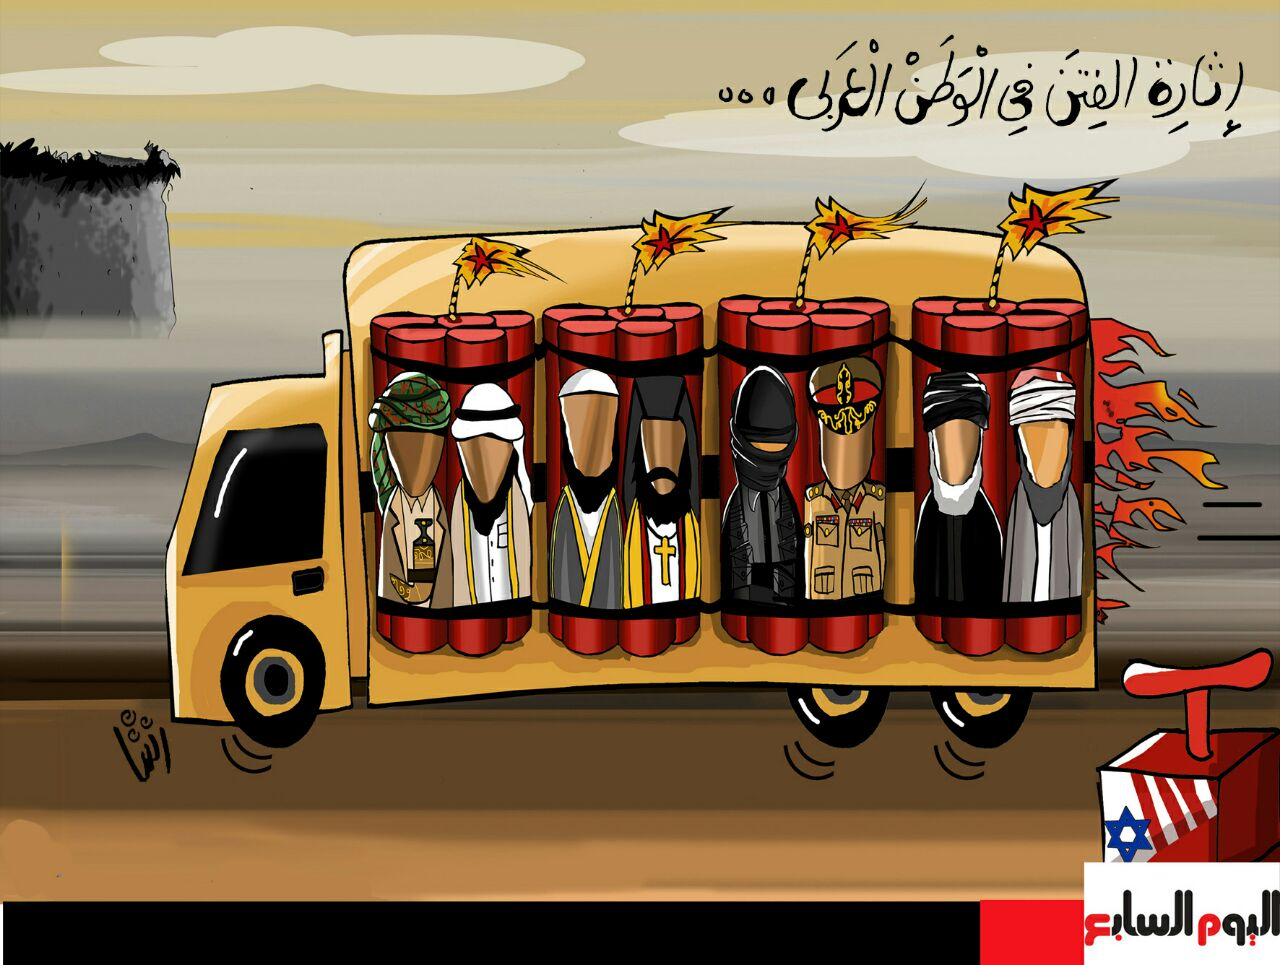 حال الدنيا.. نافذة على العالم بالكاريكاتير للفنانة رشا مهدى  (2)